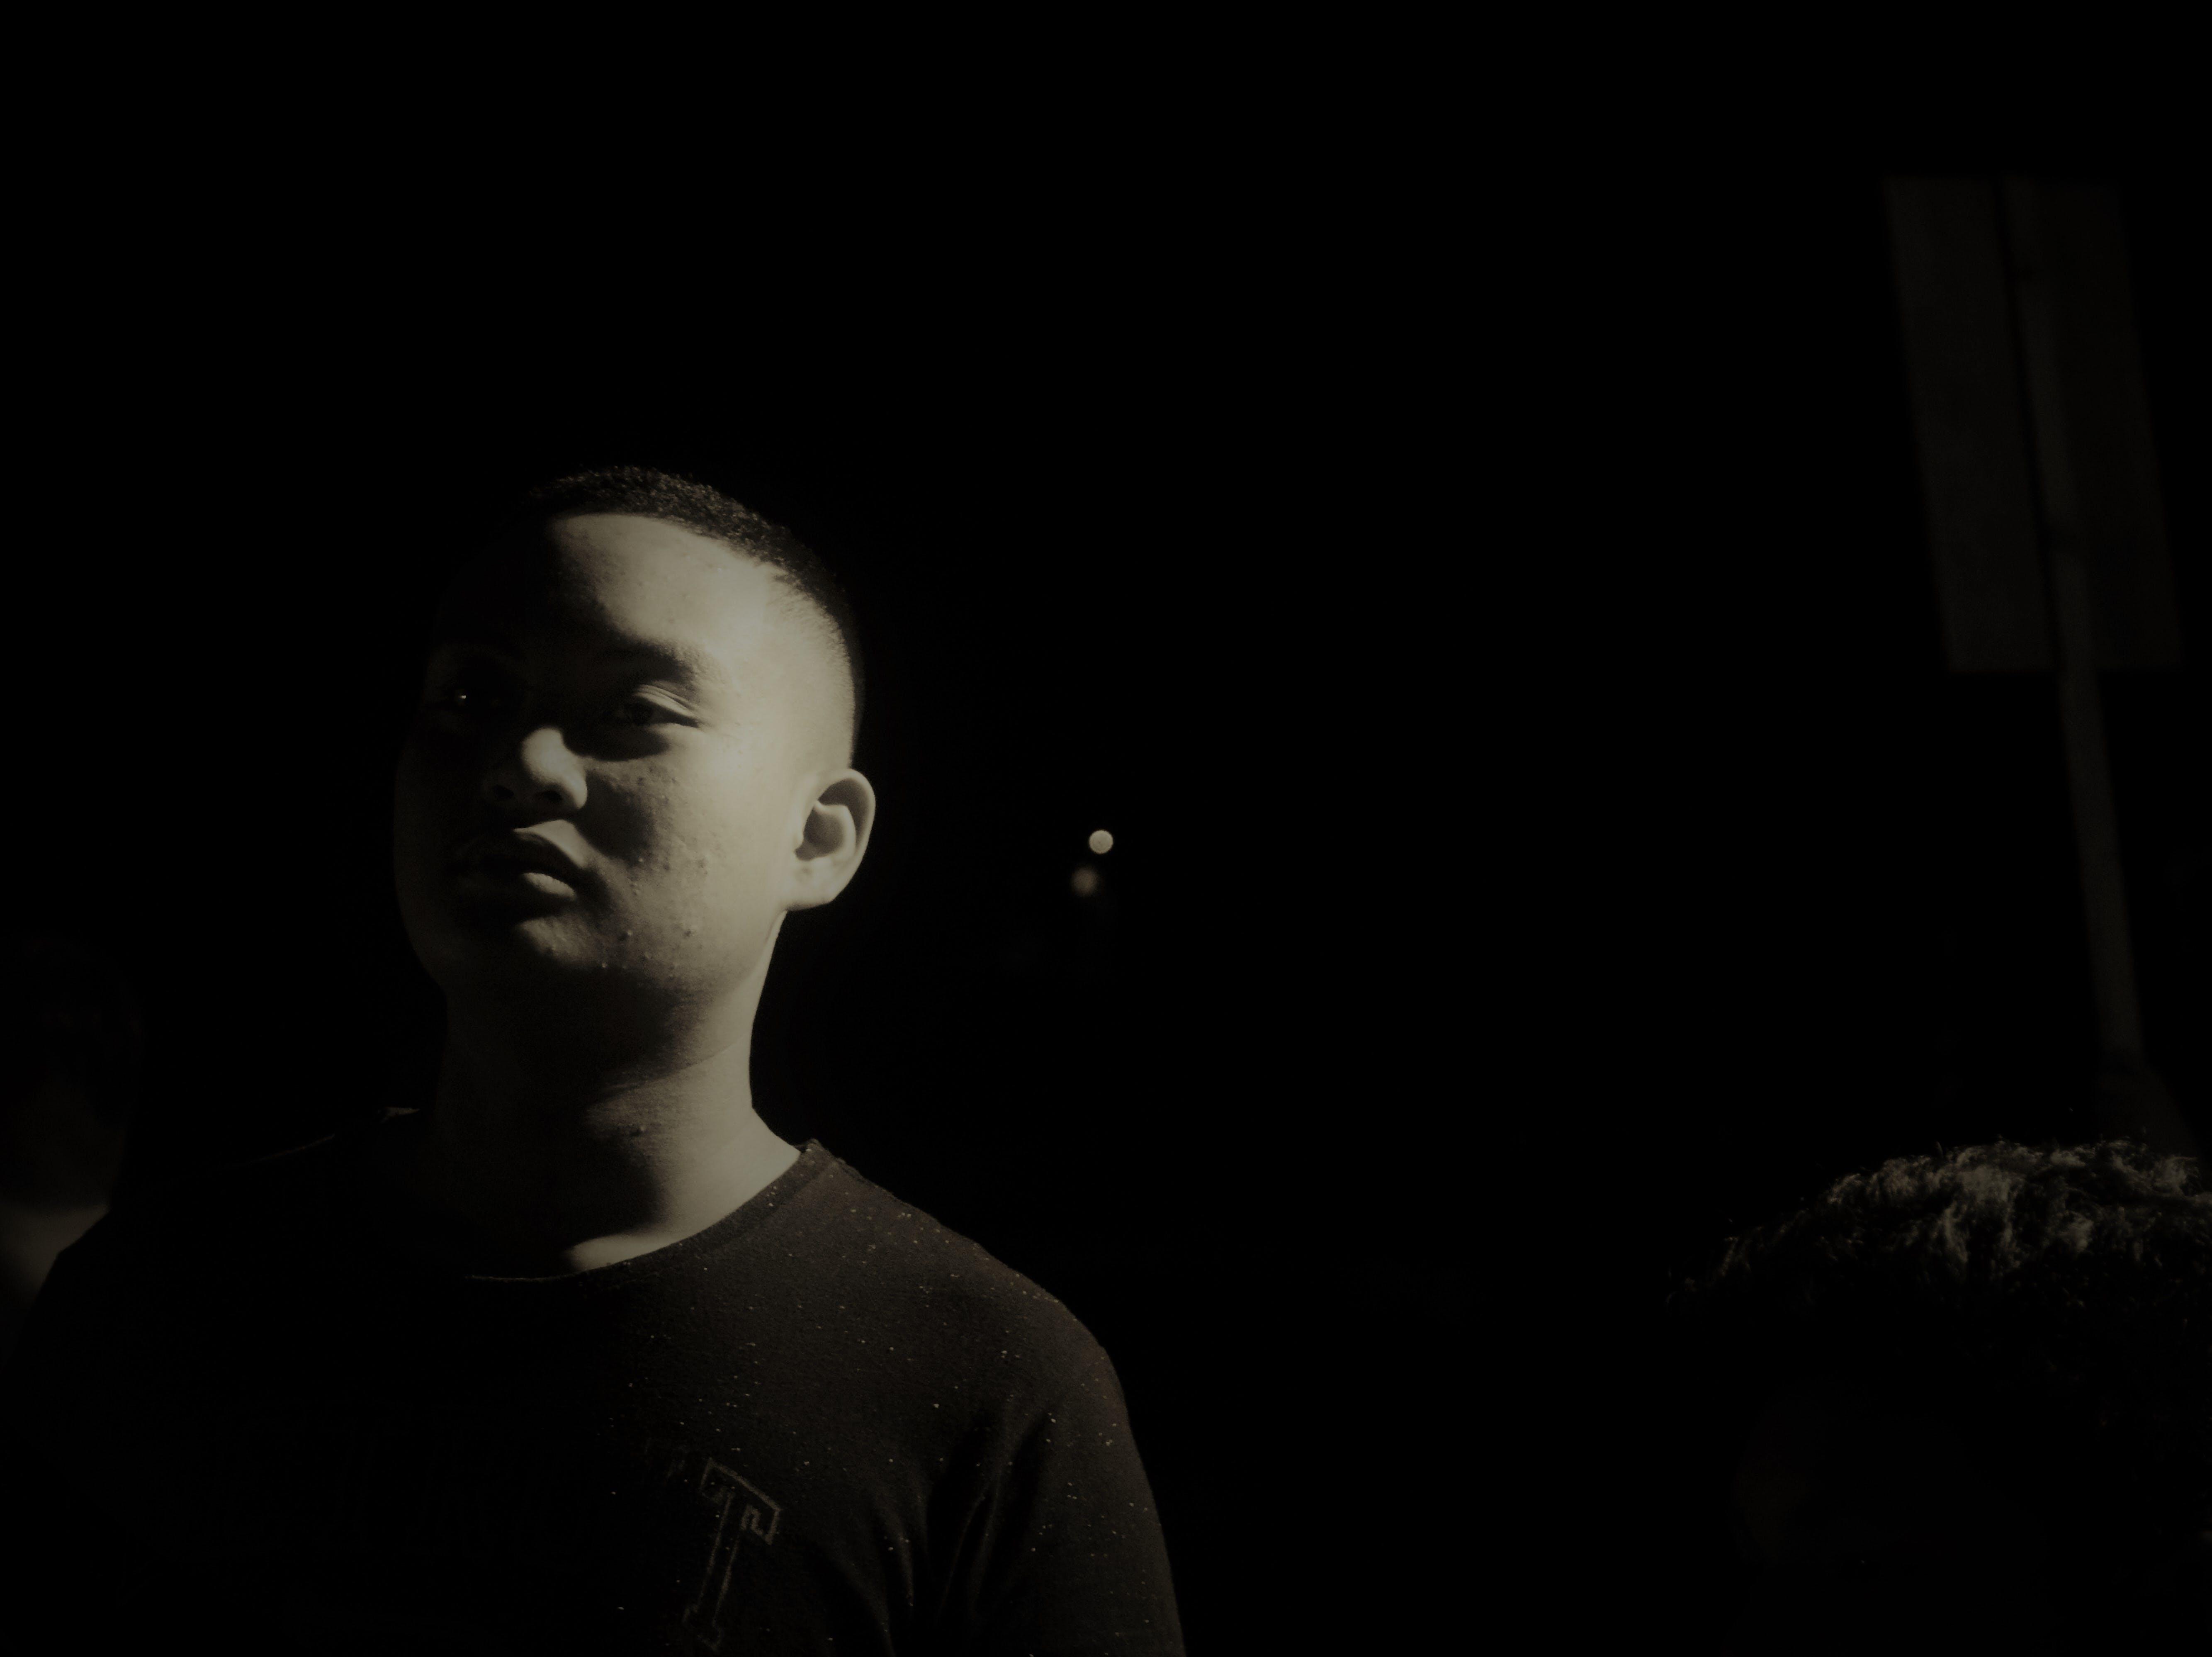 Gratis lagerfoto af mand, mørk, nat, portræt